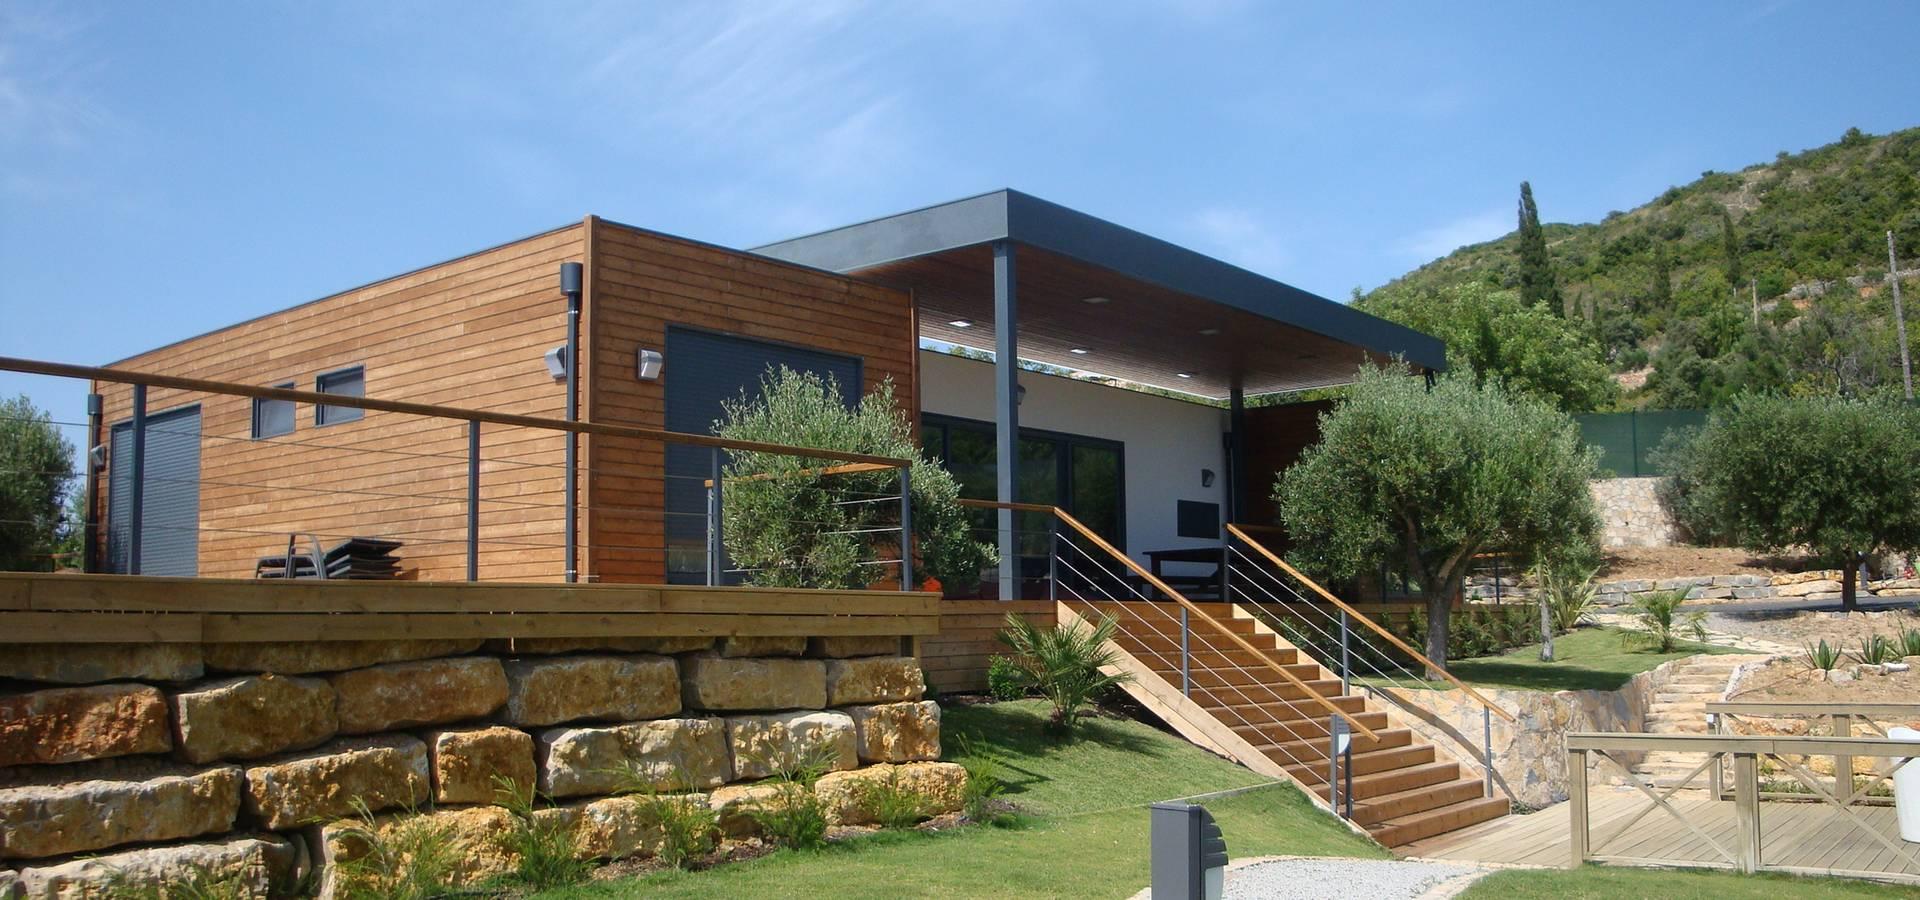 Casas modulares amoviveis por kitur homify for Homify casas